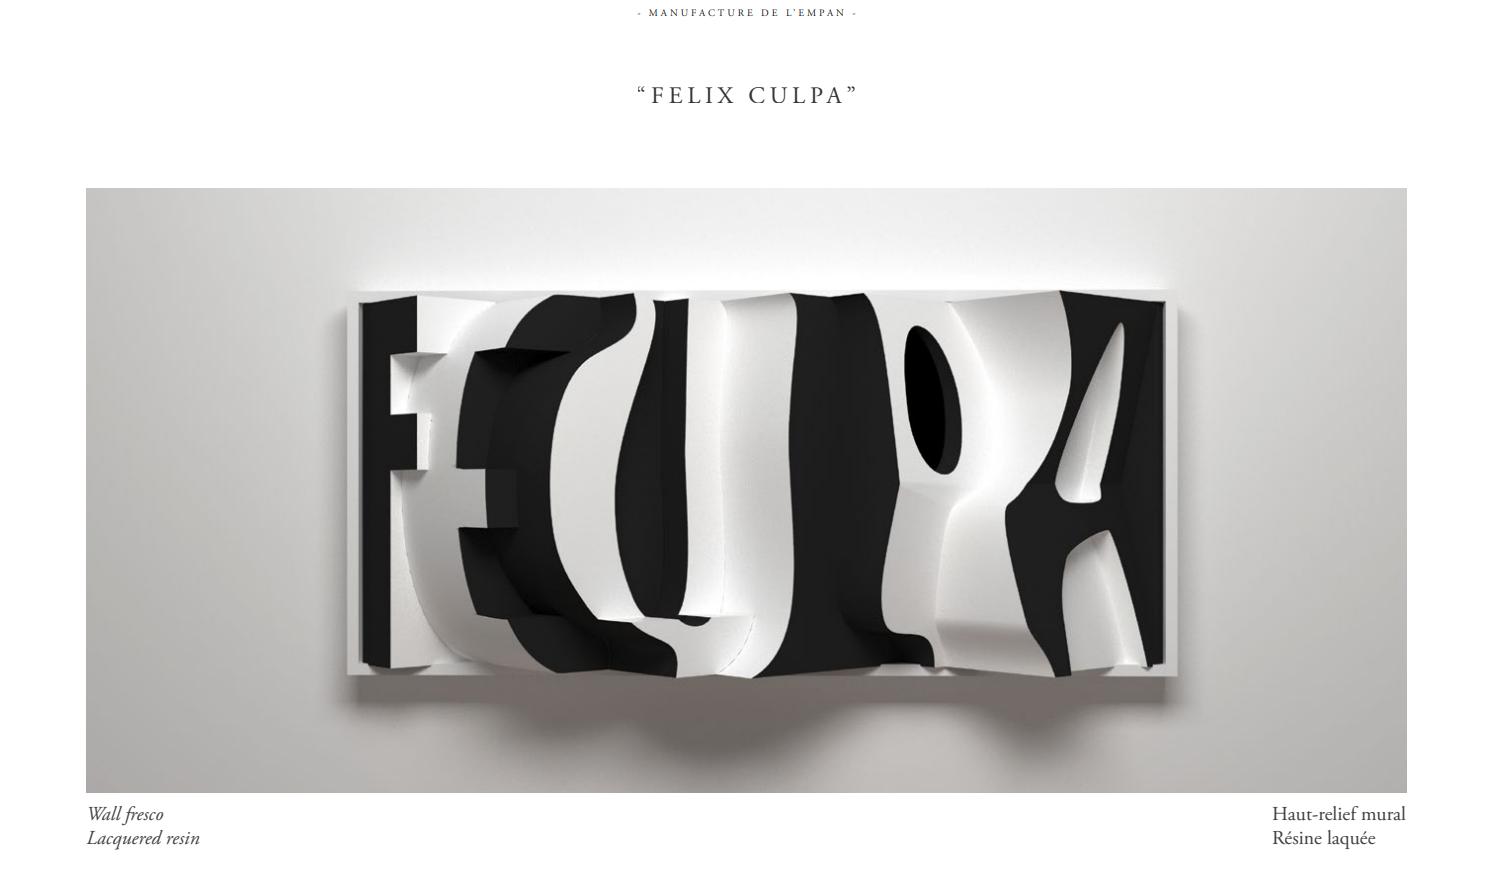 Manufacture_de_l'empan_-_Félix_Culpa